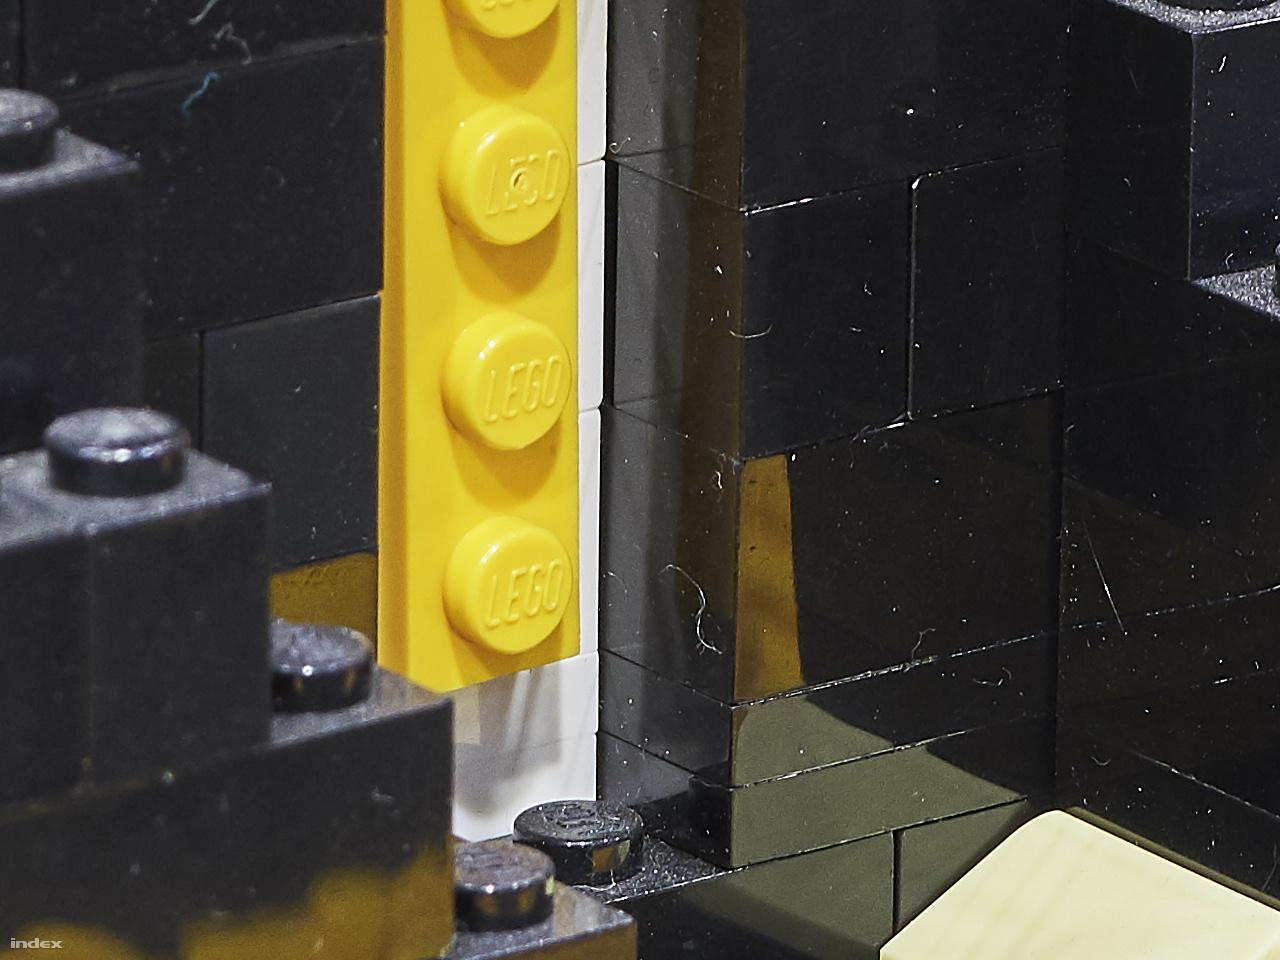 Elnöki nyakkendő – 100 százalékos képkivágás a fenti fotó 150 megapixeles eredetijéből.